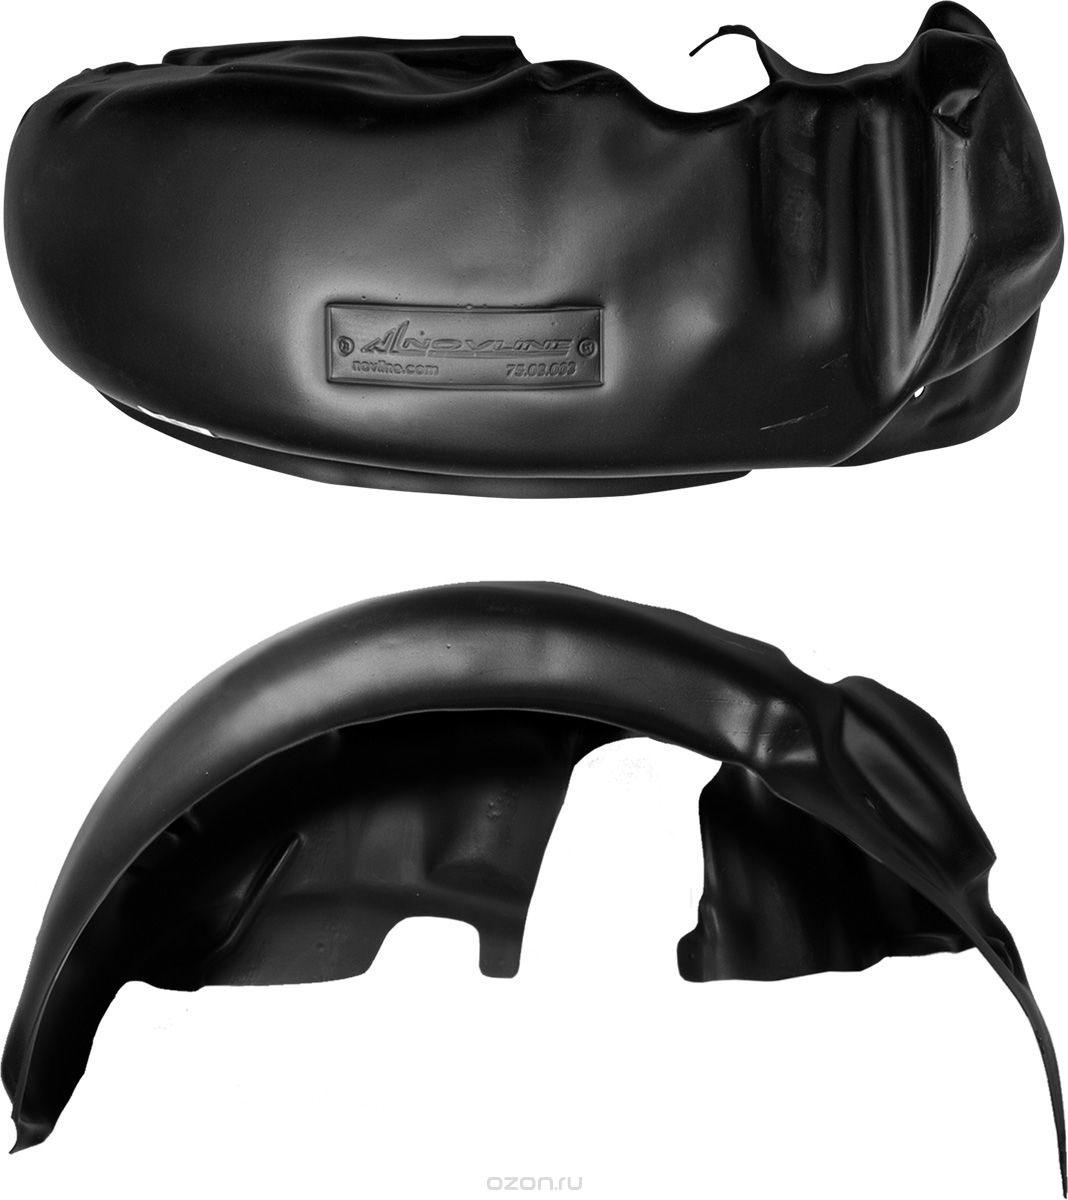 Подкрылок Novline-Autofamily, для ВАЗ 2108-099, 1987-2004, задний левый000413Идеальная защита колесной ниши. Локеры разработаны с применением цифровых технологий, гарантируют максимальную повторяемость поверхности арки. Изделия устанавливаются без нарушения лакокрасочного покрытия автомобиля, каждый подкрылок комплектуется крепежом. Уважаемые клиенты, обращаем ваше внимание, что фотографии на подкрылки универсальные и не отражают реальную форму изделия. При этом само изделие идет точно под размер указанного автомобиля.